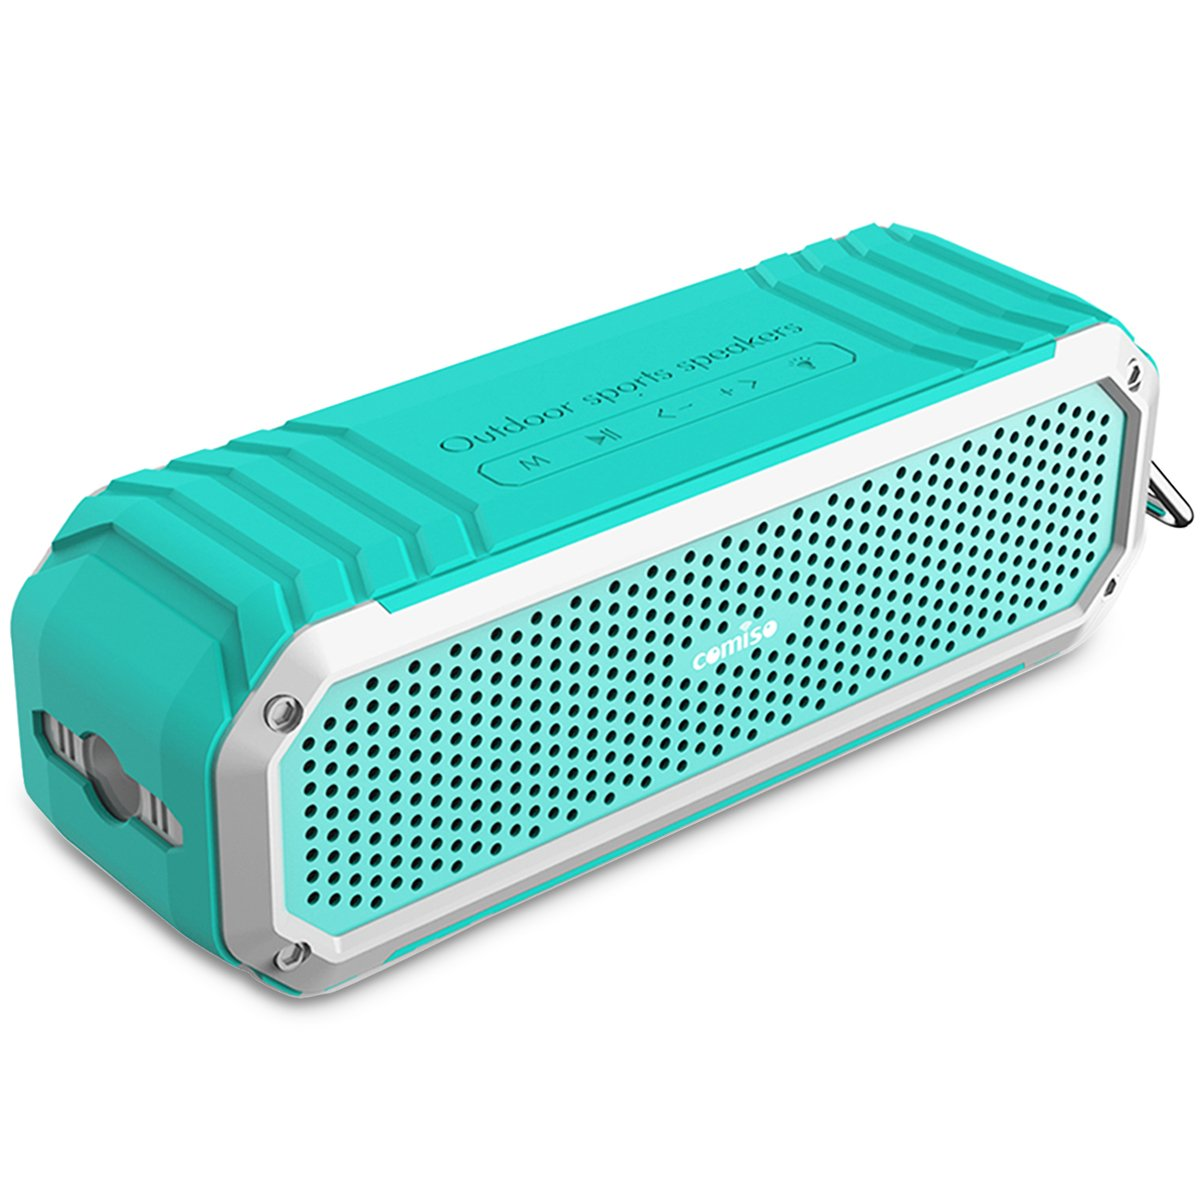 Altavoz Inalámbrico Bluetooth  COMISO Max Audio Altavoz Impermeable a Prueba de